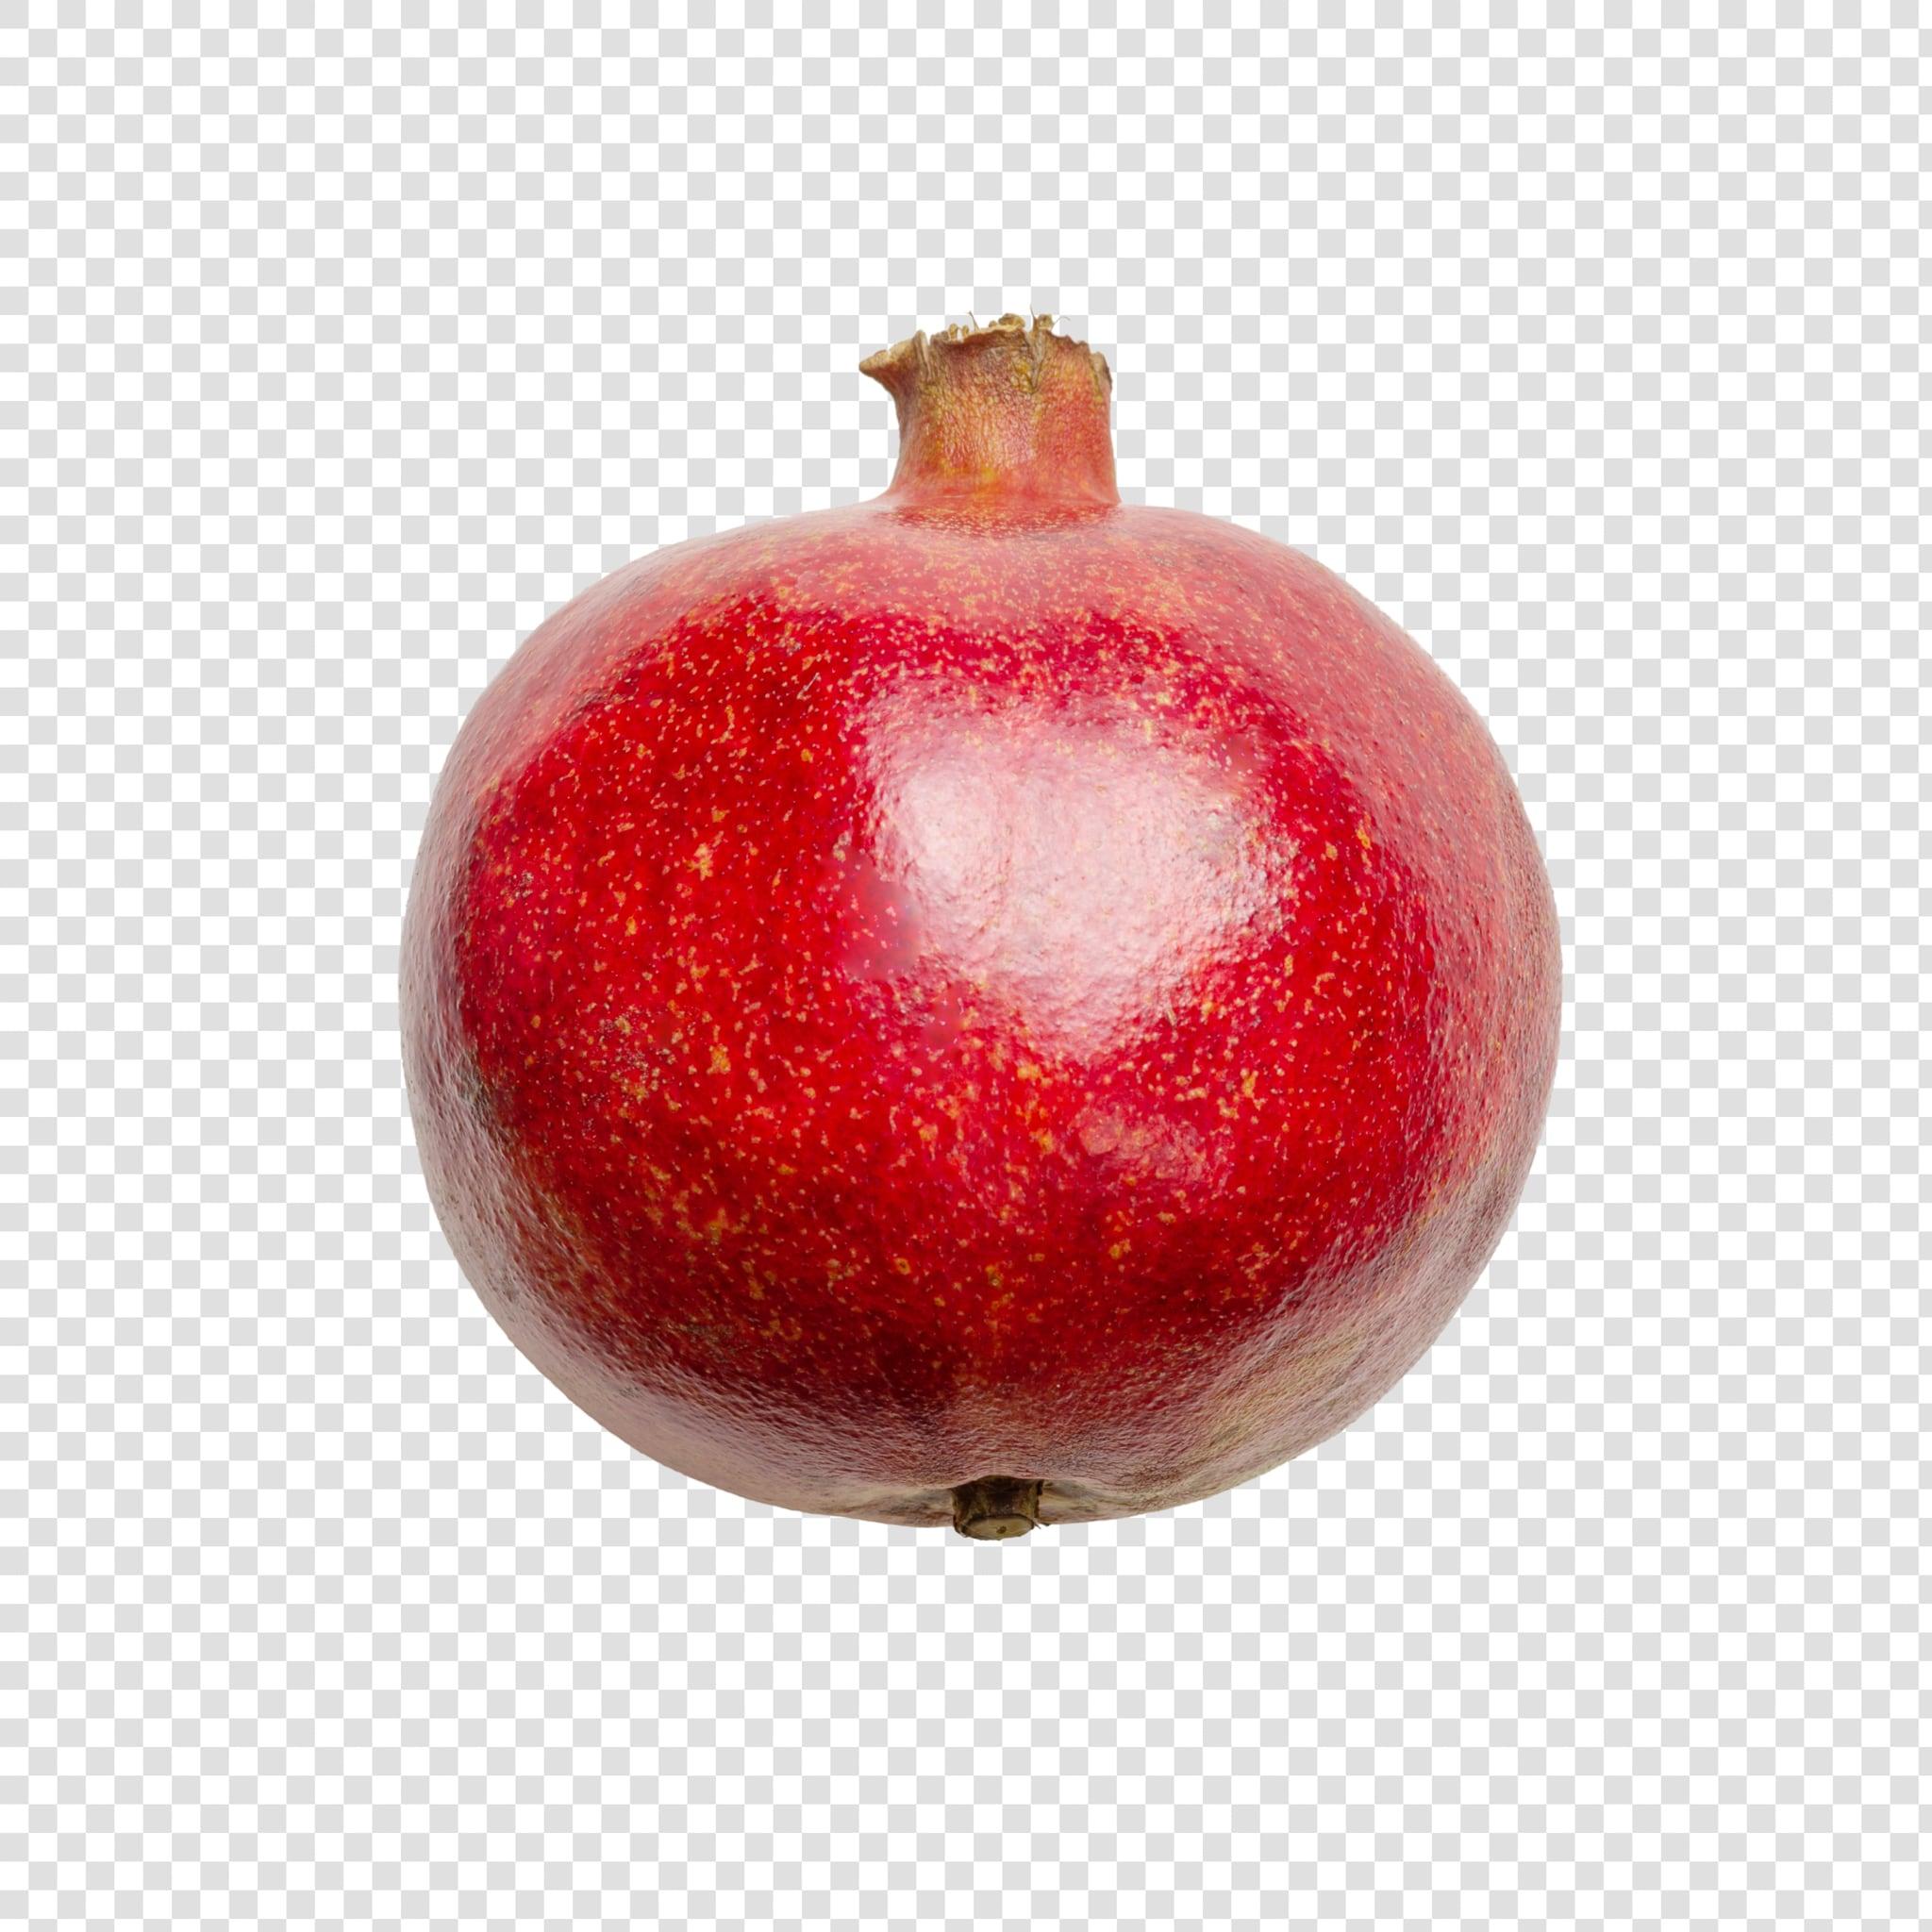 Garnet PSD image on transparent background